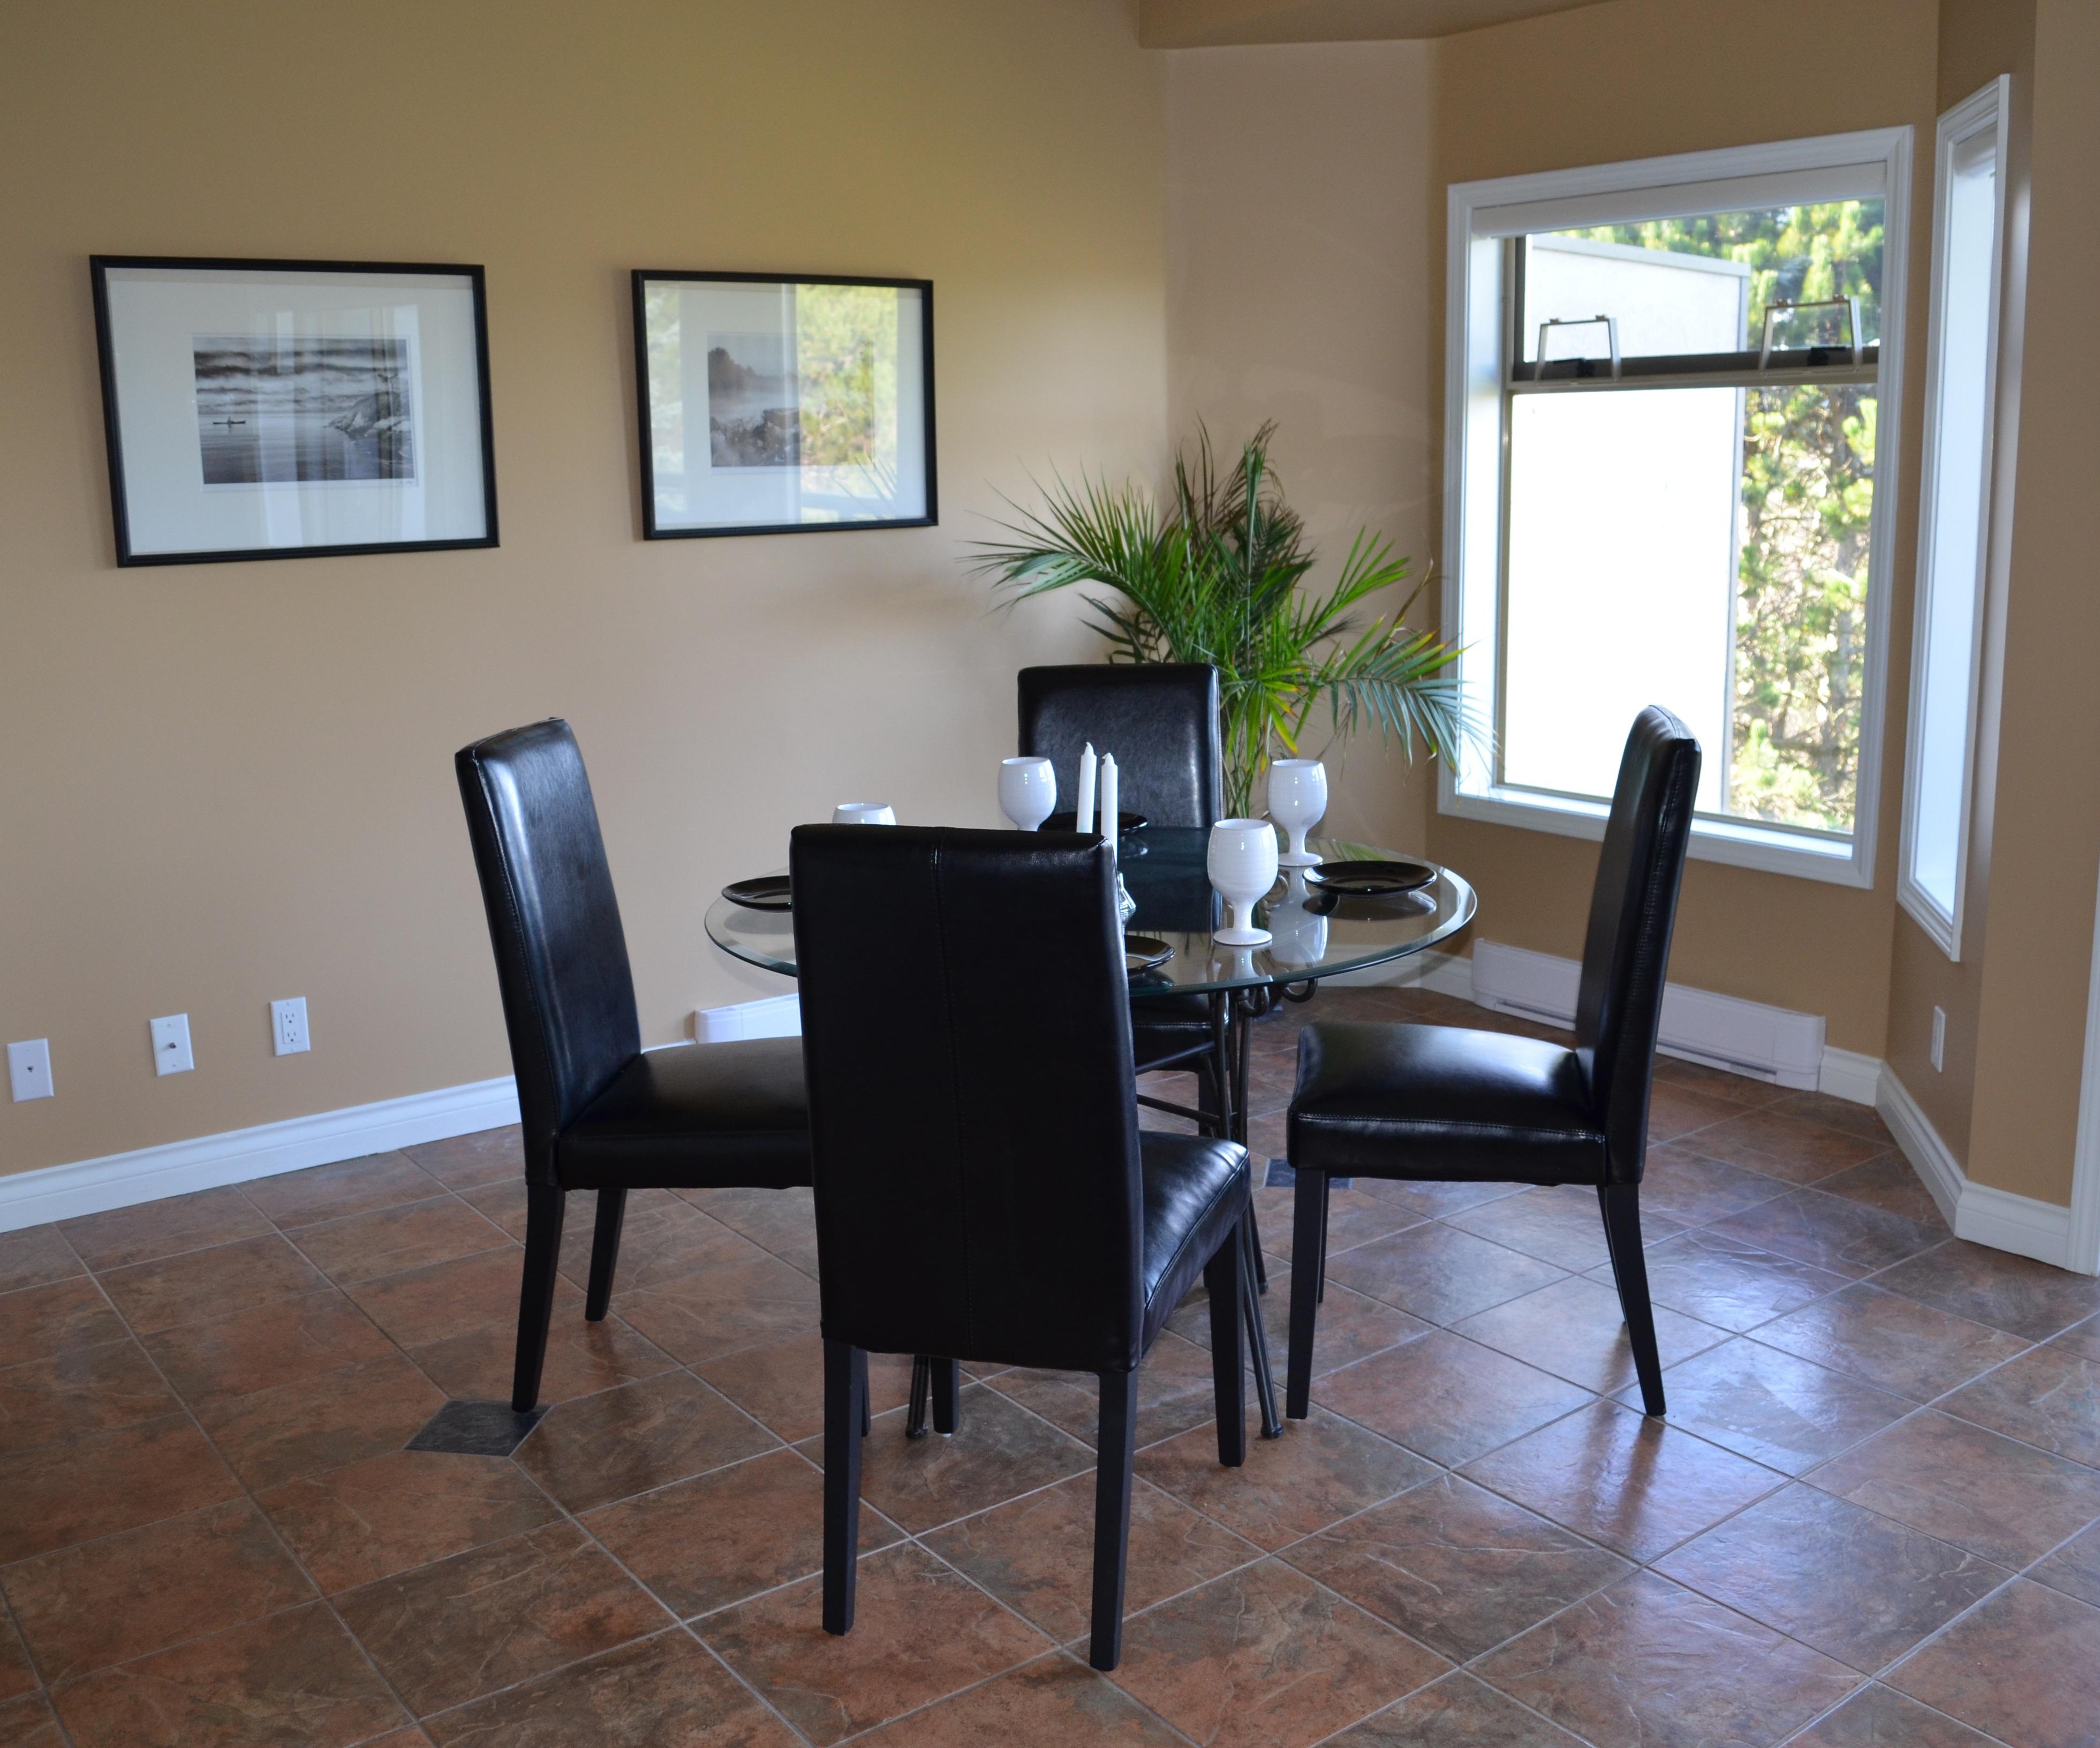 mesa madera piso interior casa cabaa propiedad sala mueble habitacin apartamento diseo de interiores sillas diseo